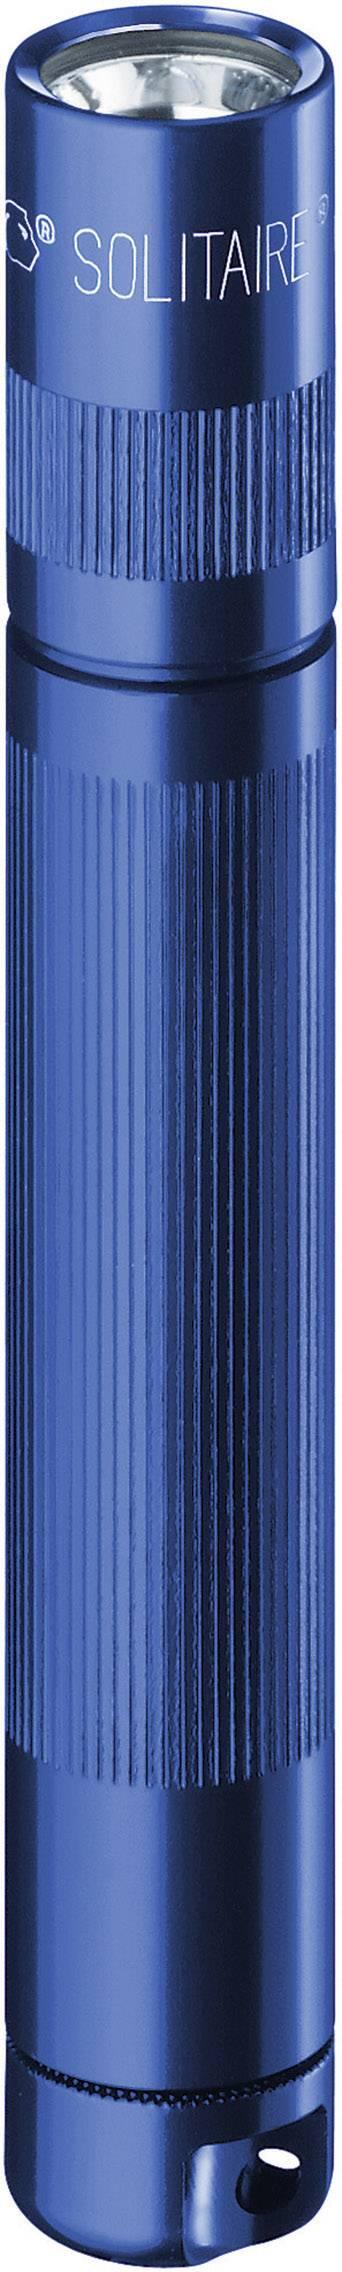 Svietidlo na kľúčenku Mag-Lite Solitaire LED, modré